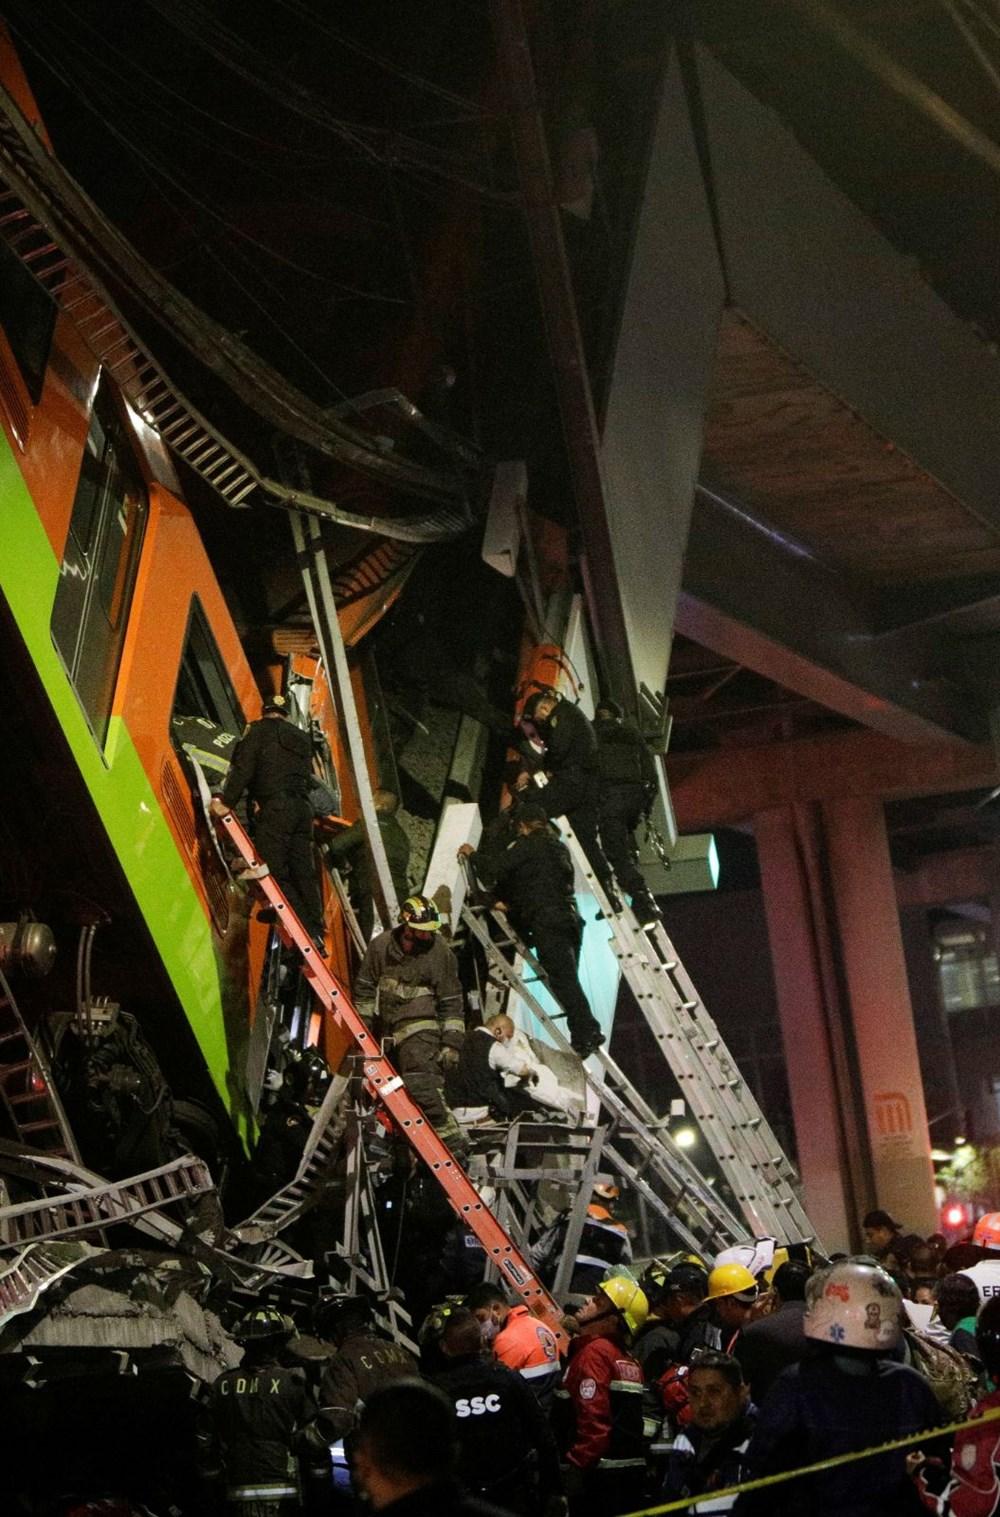 SON DAKİKA HABERİ: Meksika'da metro kazası: 15 kişi öldü, 70 kişi yaralandı - 5